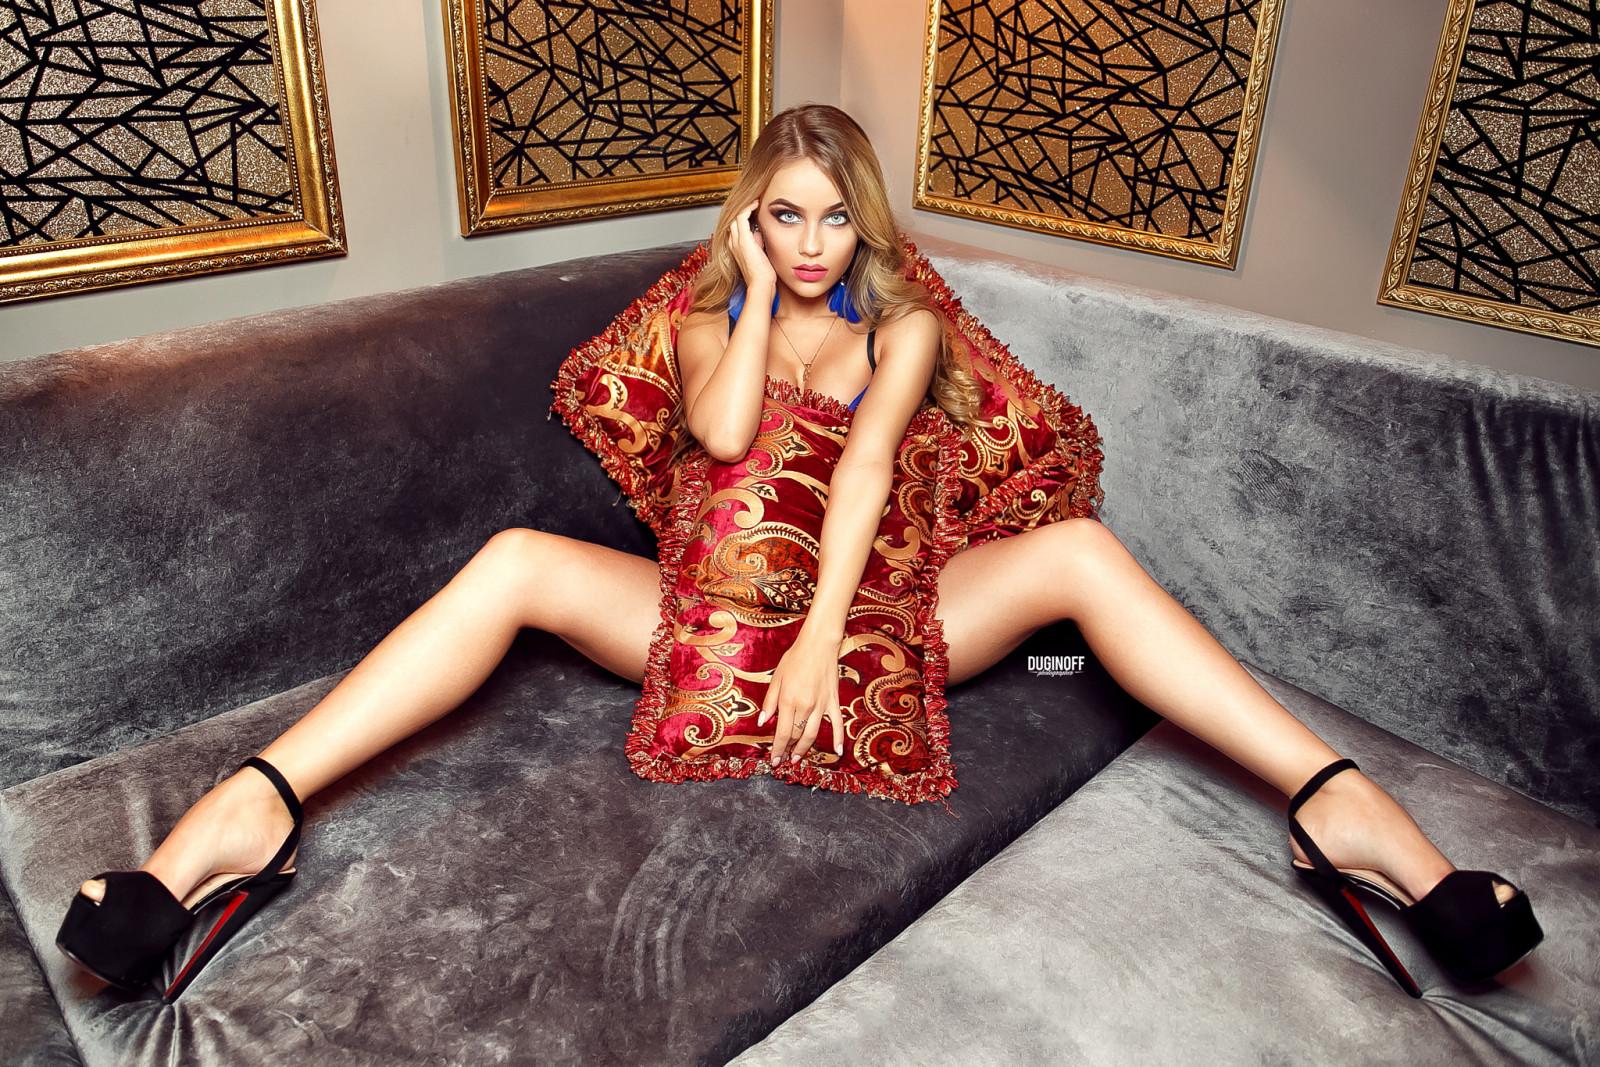 расставленные женские ноги фото - 7